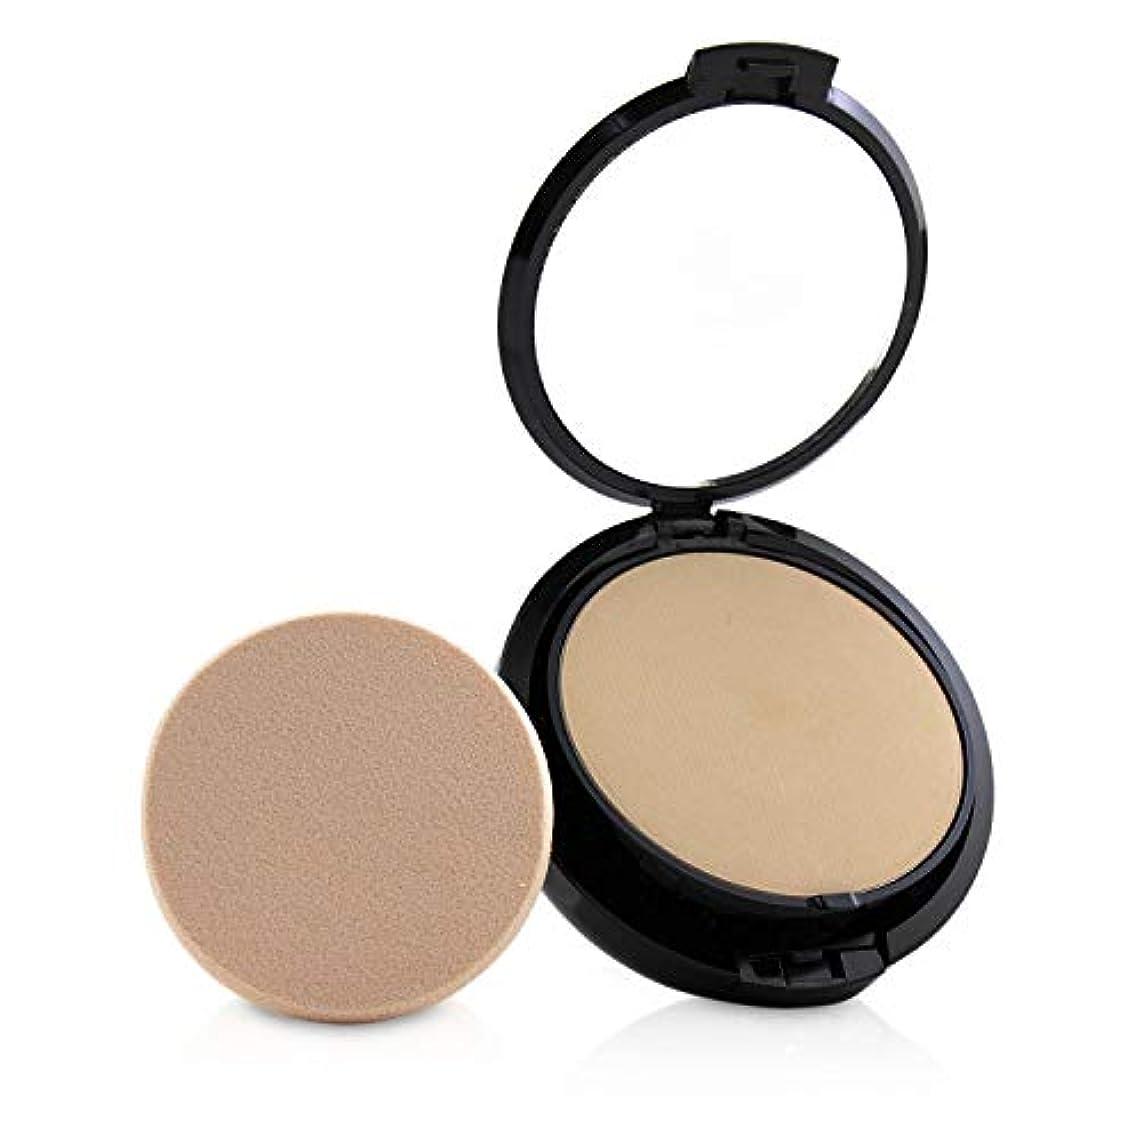 ペネロペ省振るうSCOUT Cosmetics Pressed Mineral Powder Foundation SPF 15 - # Shell 15g/0.53oz並行輸入品